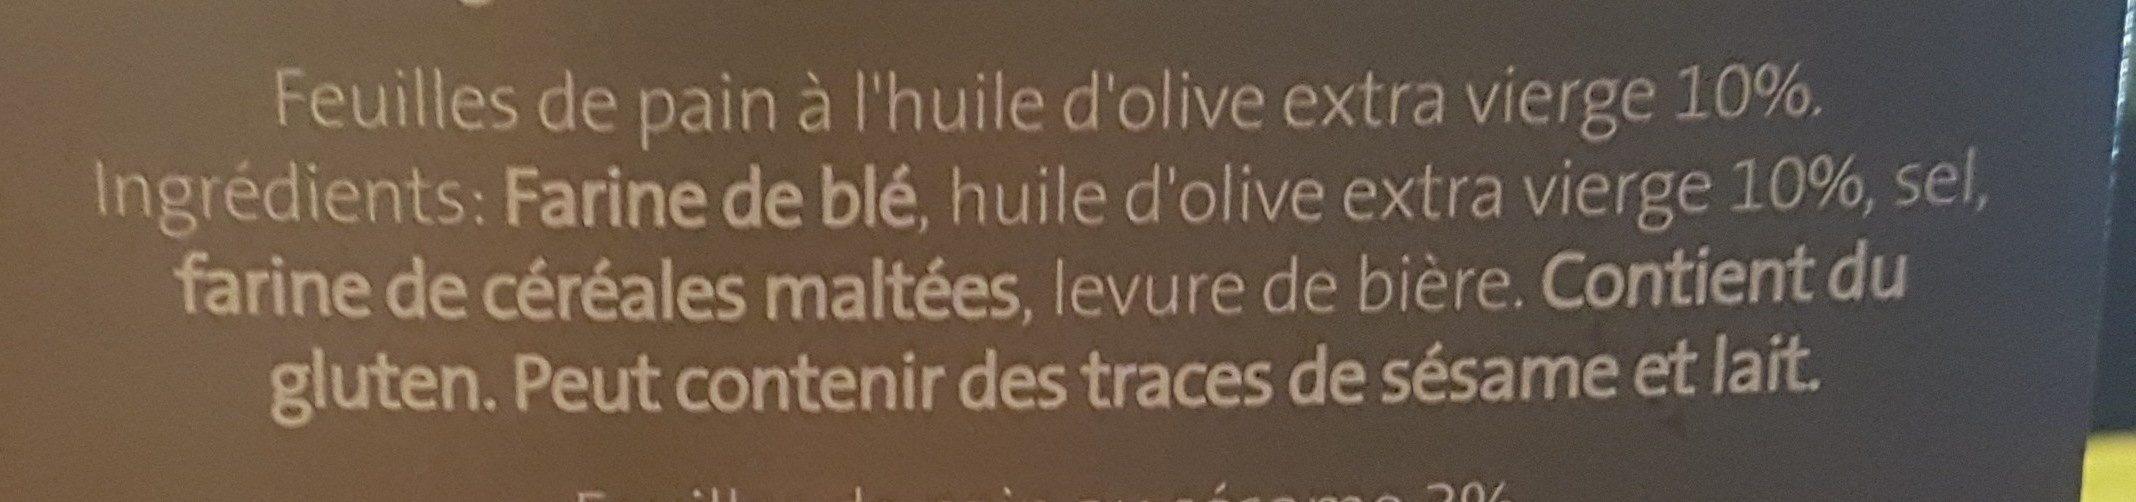 Feuilles de pain - Ingredients - fr